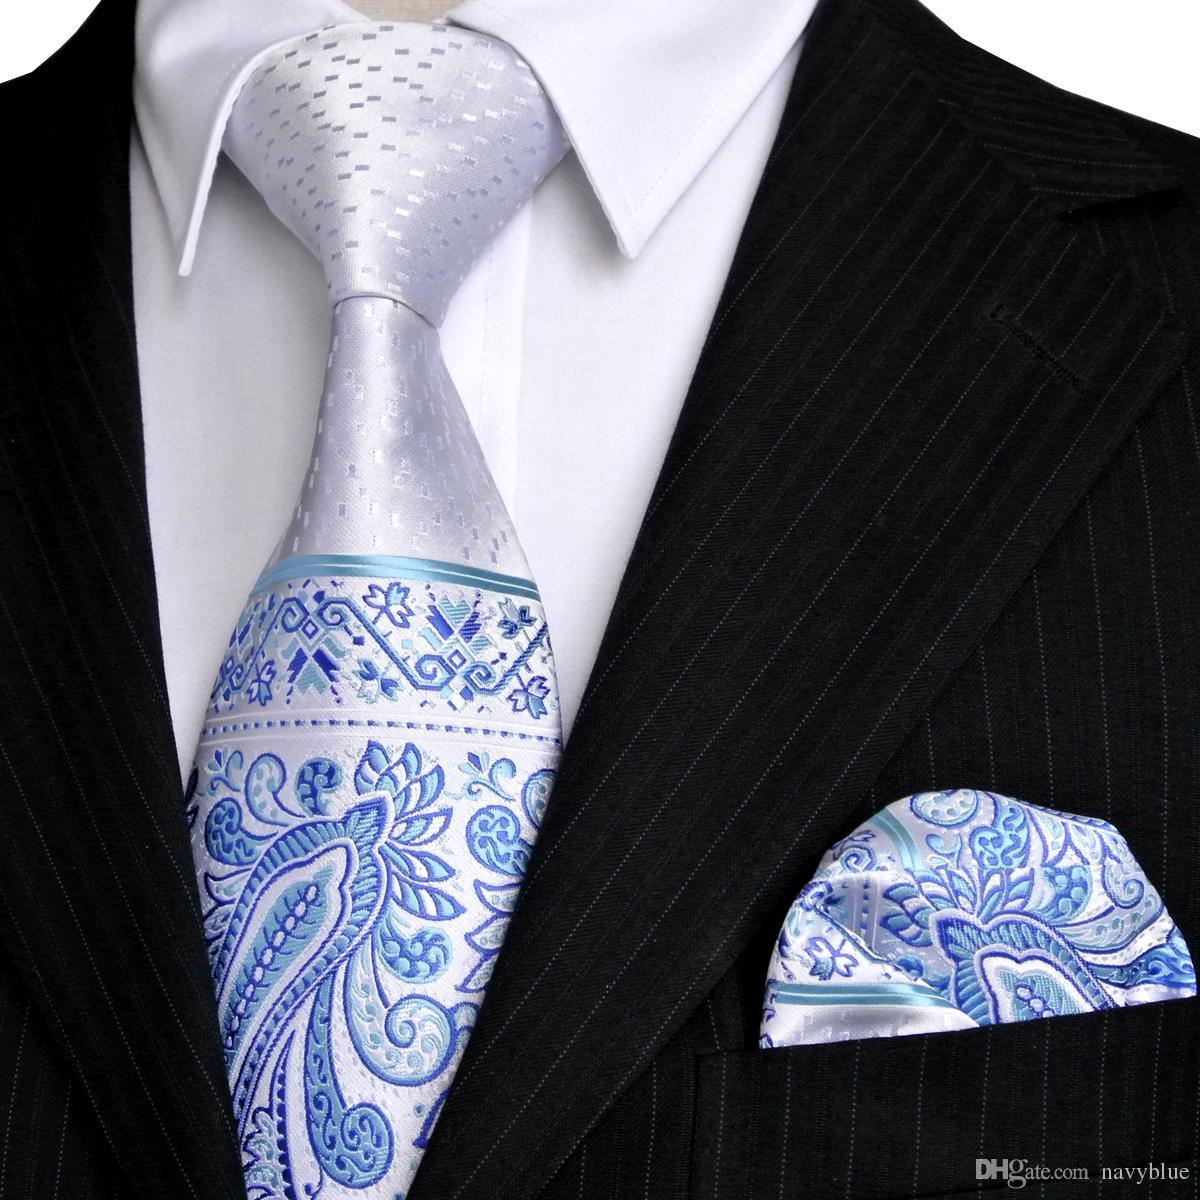 E5 بيزلي النقاط الأزهار الفضة البيضاء الأزرق الداكن أزور رجل التعادل مجموعة رابطات عنق الجيب ساحة 100 ٪ الحرير شحن مجاني